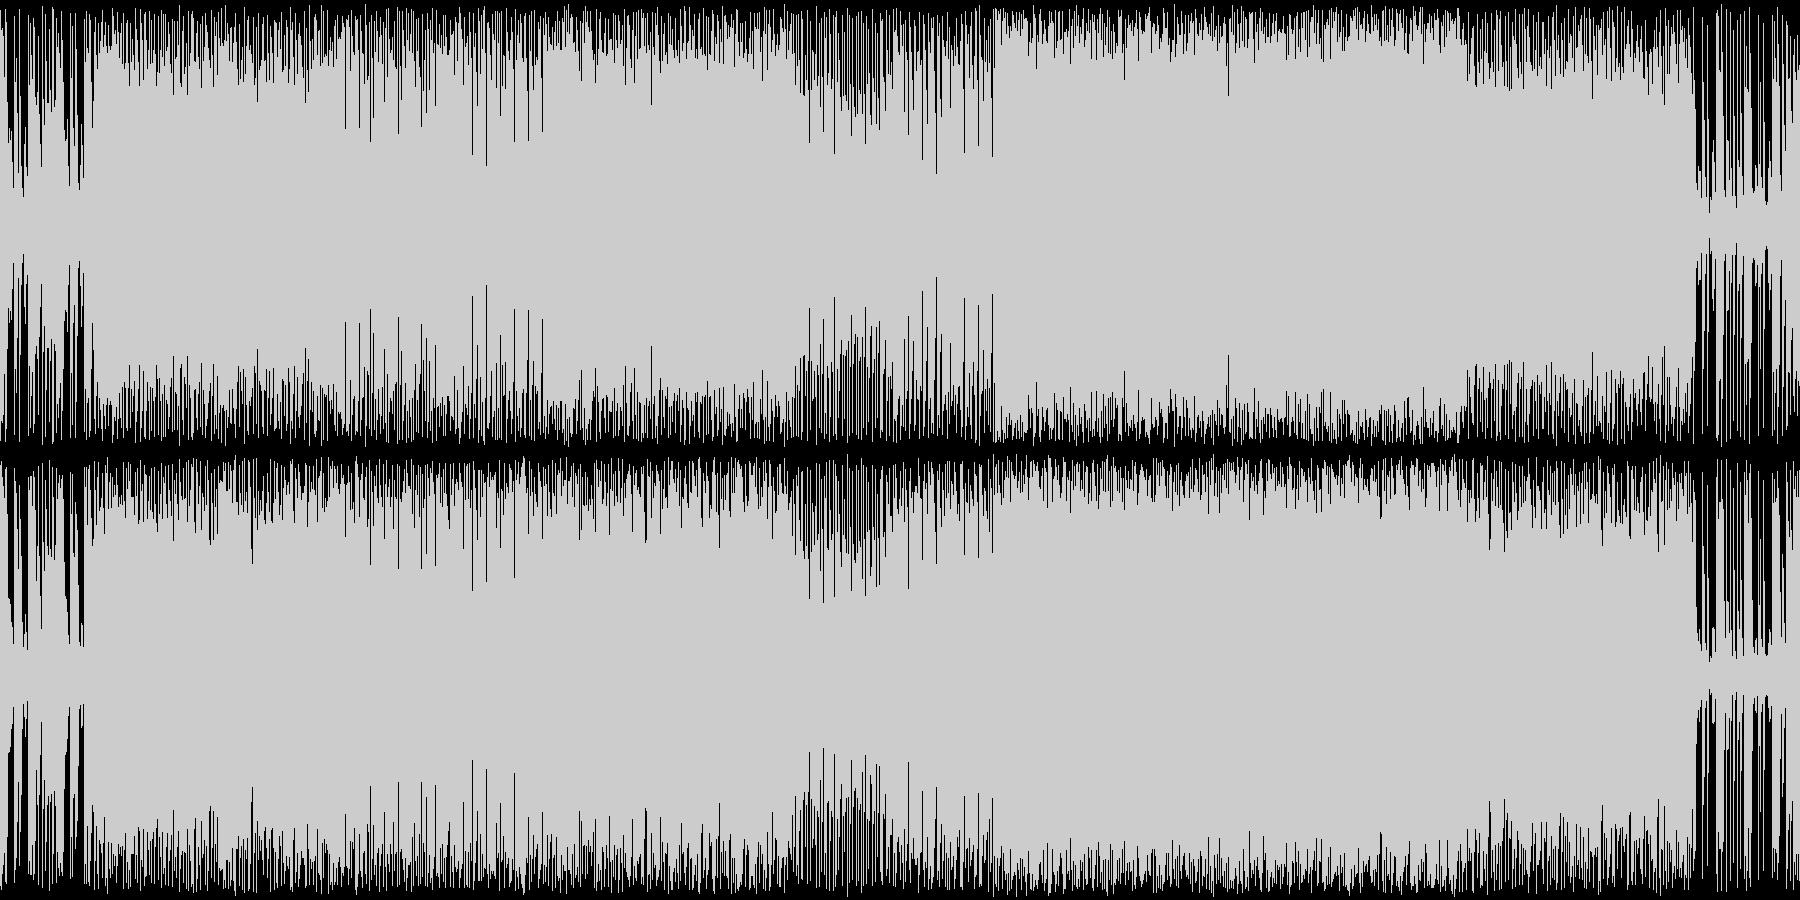 勇ましさのあるメタル系戦闘曲の未再生の波形